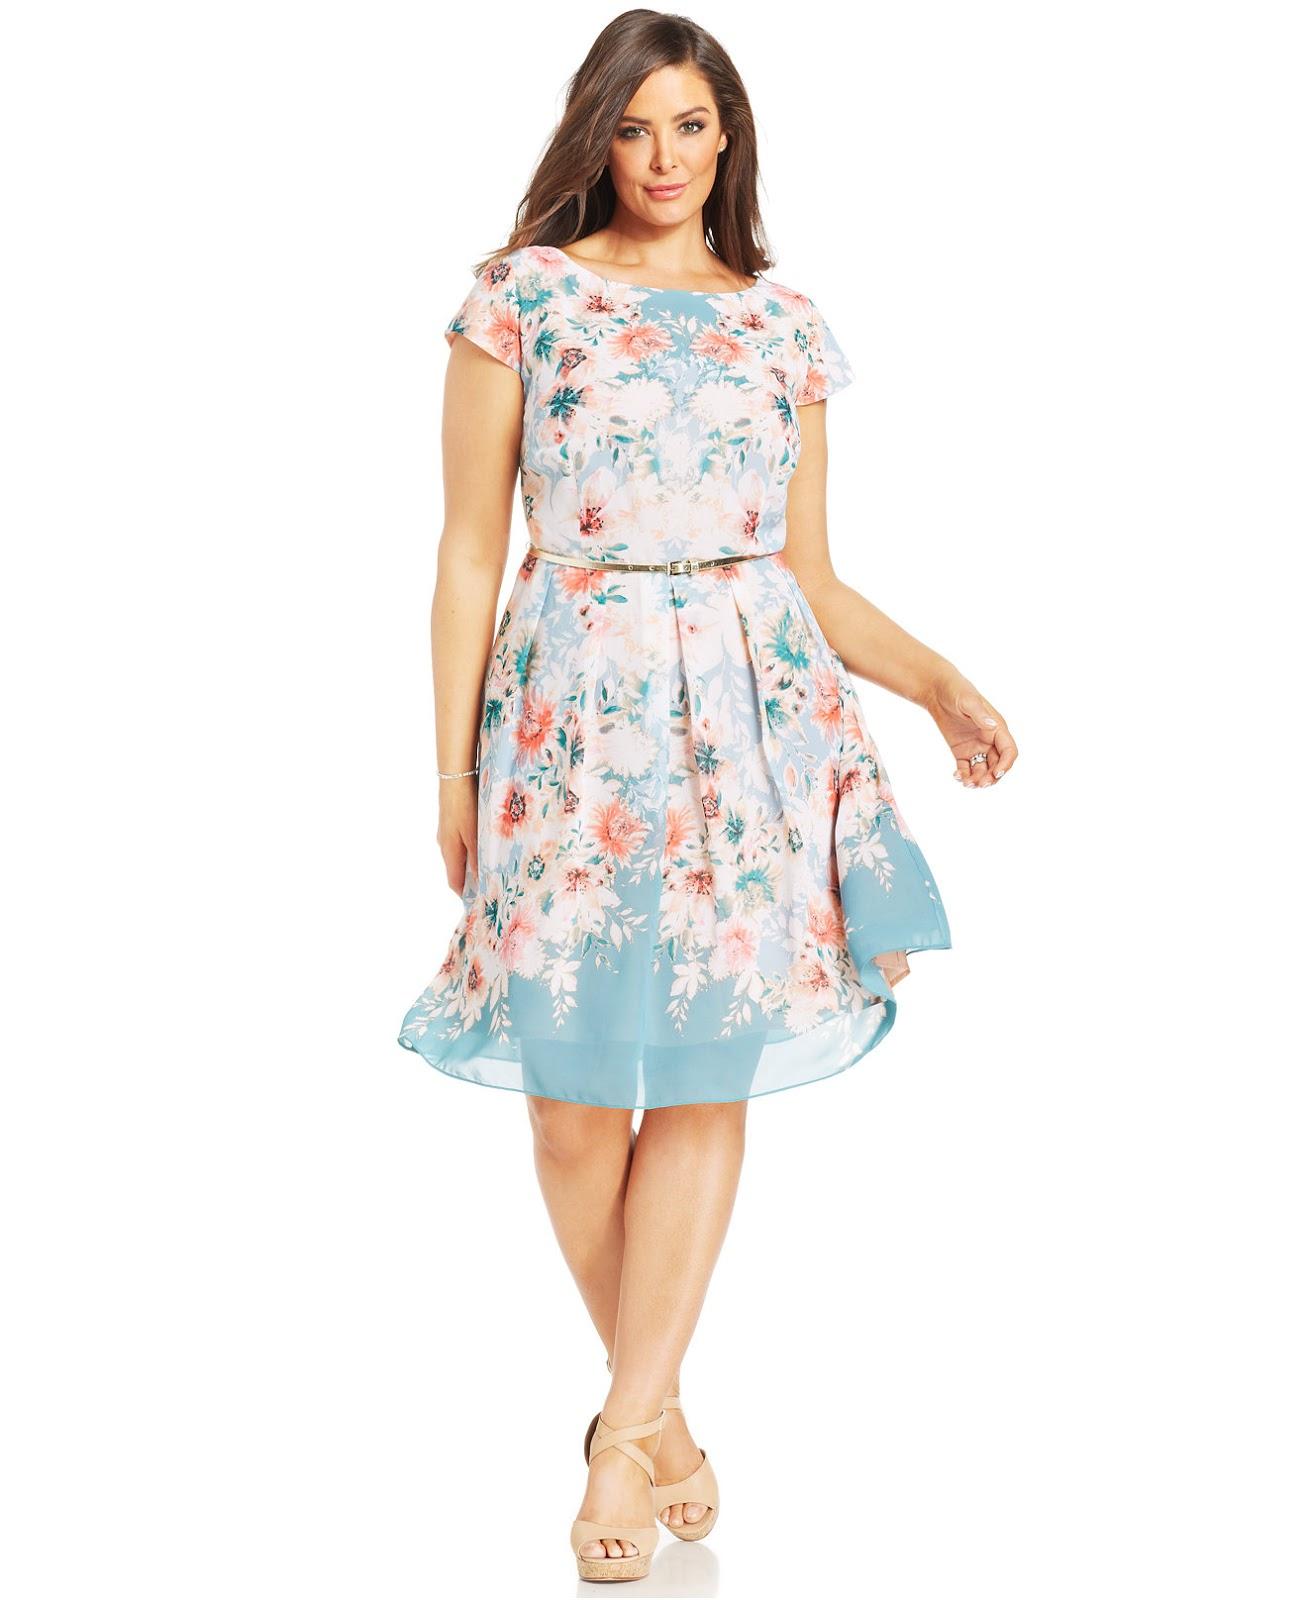 323066447 Vestidos Casuales Para Gorditas Jovenes | Wig Elegance